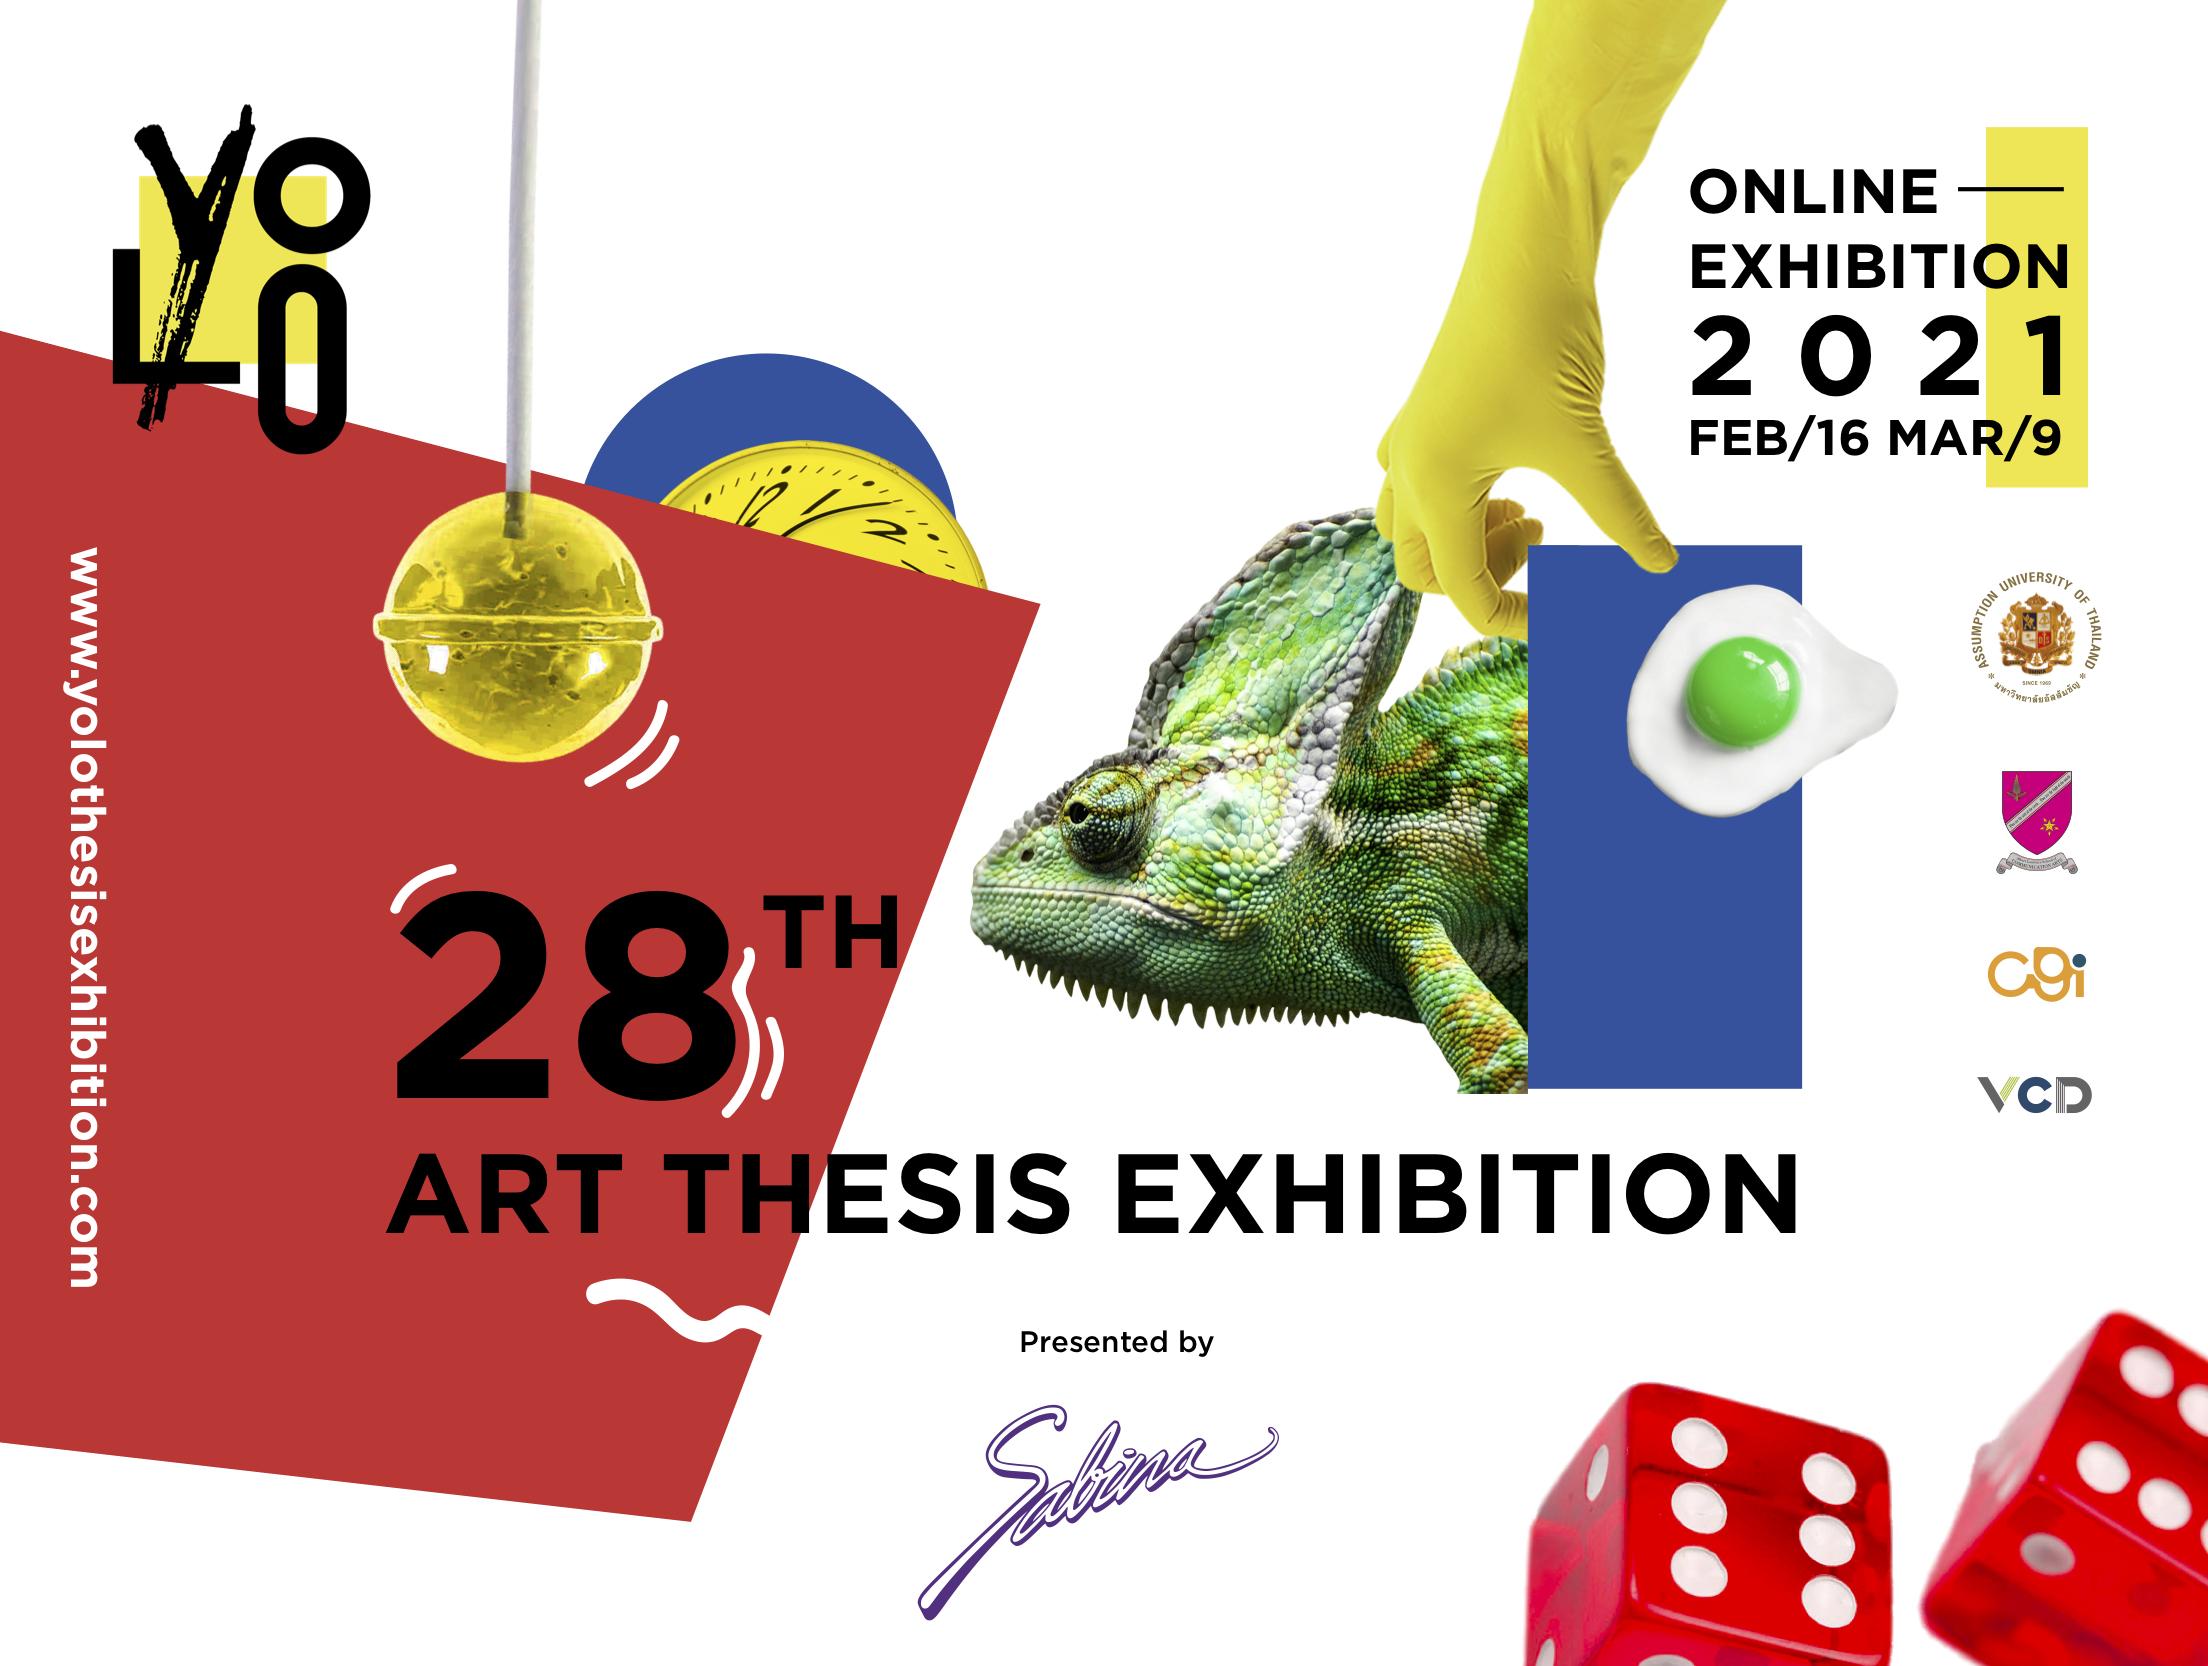 """บริษัท ซาบีน่า ฟาร์อีสท์ จำกัด ร่วมเป็นส่วนหนึ่งในการสนับสนุนกิจกรรม """"การแสดงผลงานศิลปนิพนธ์ YOLO( Art Thesis)"""""""